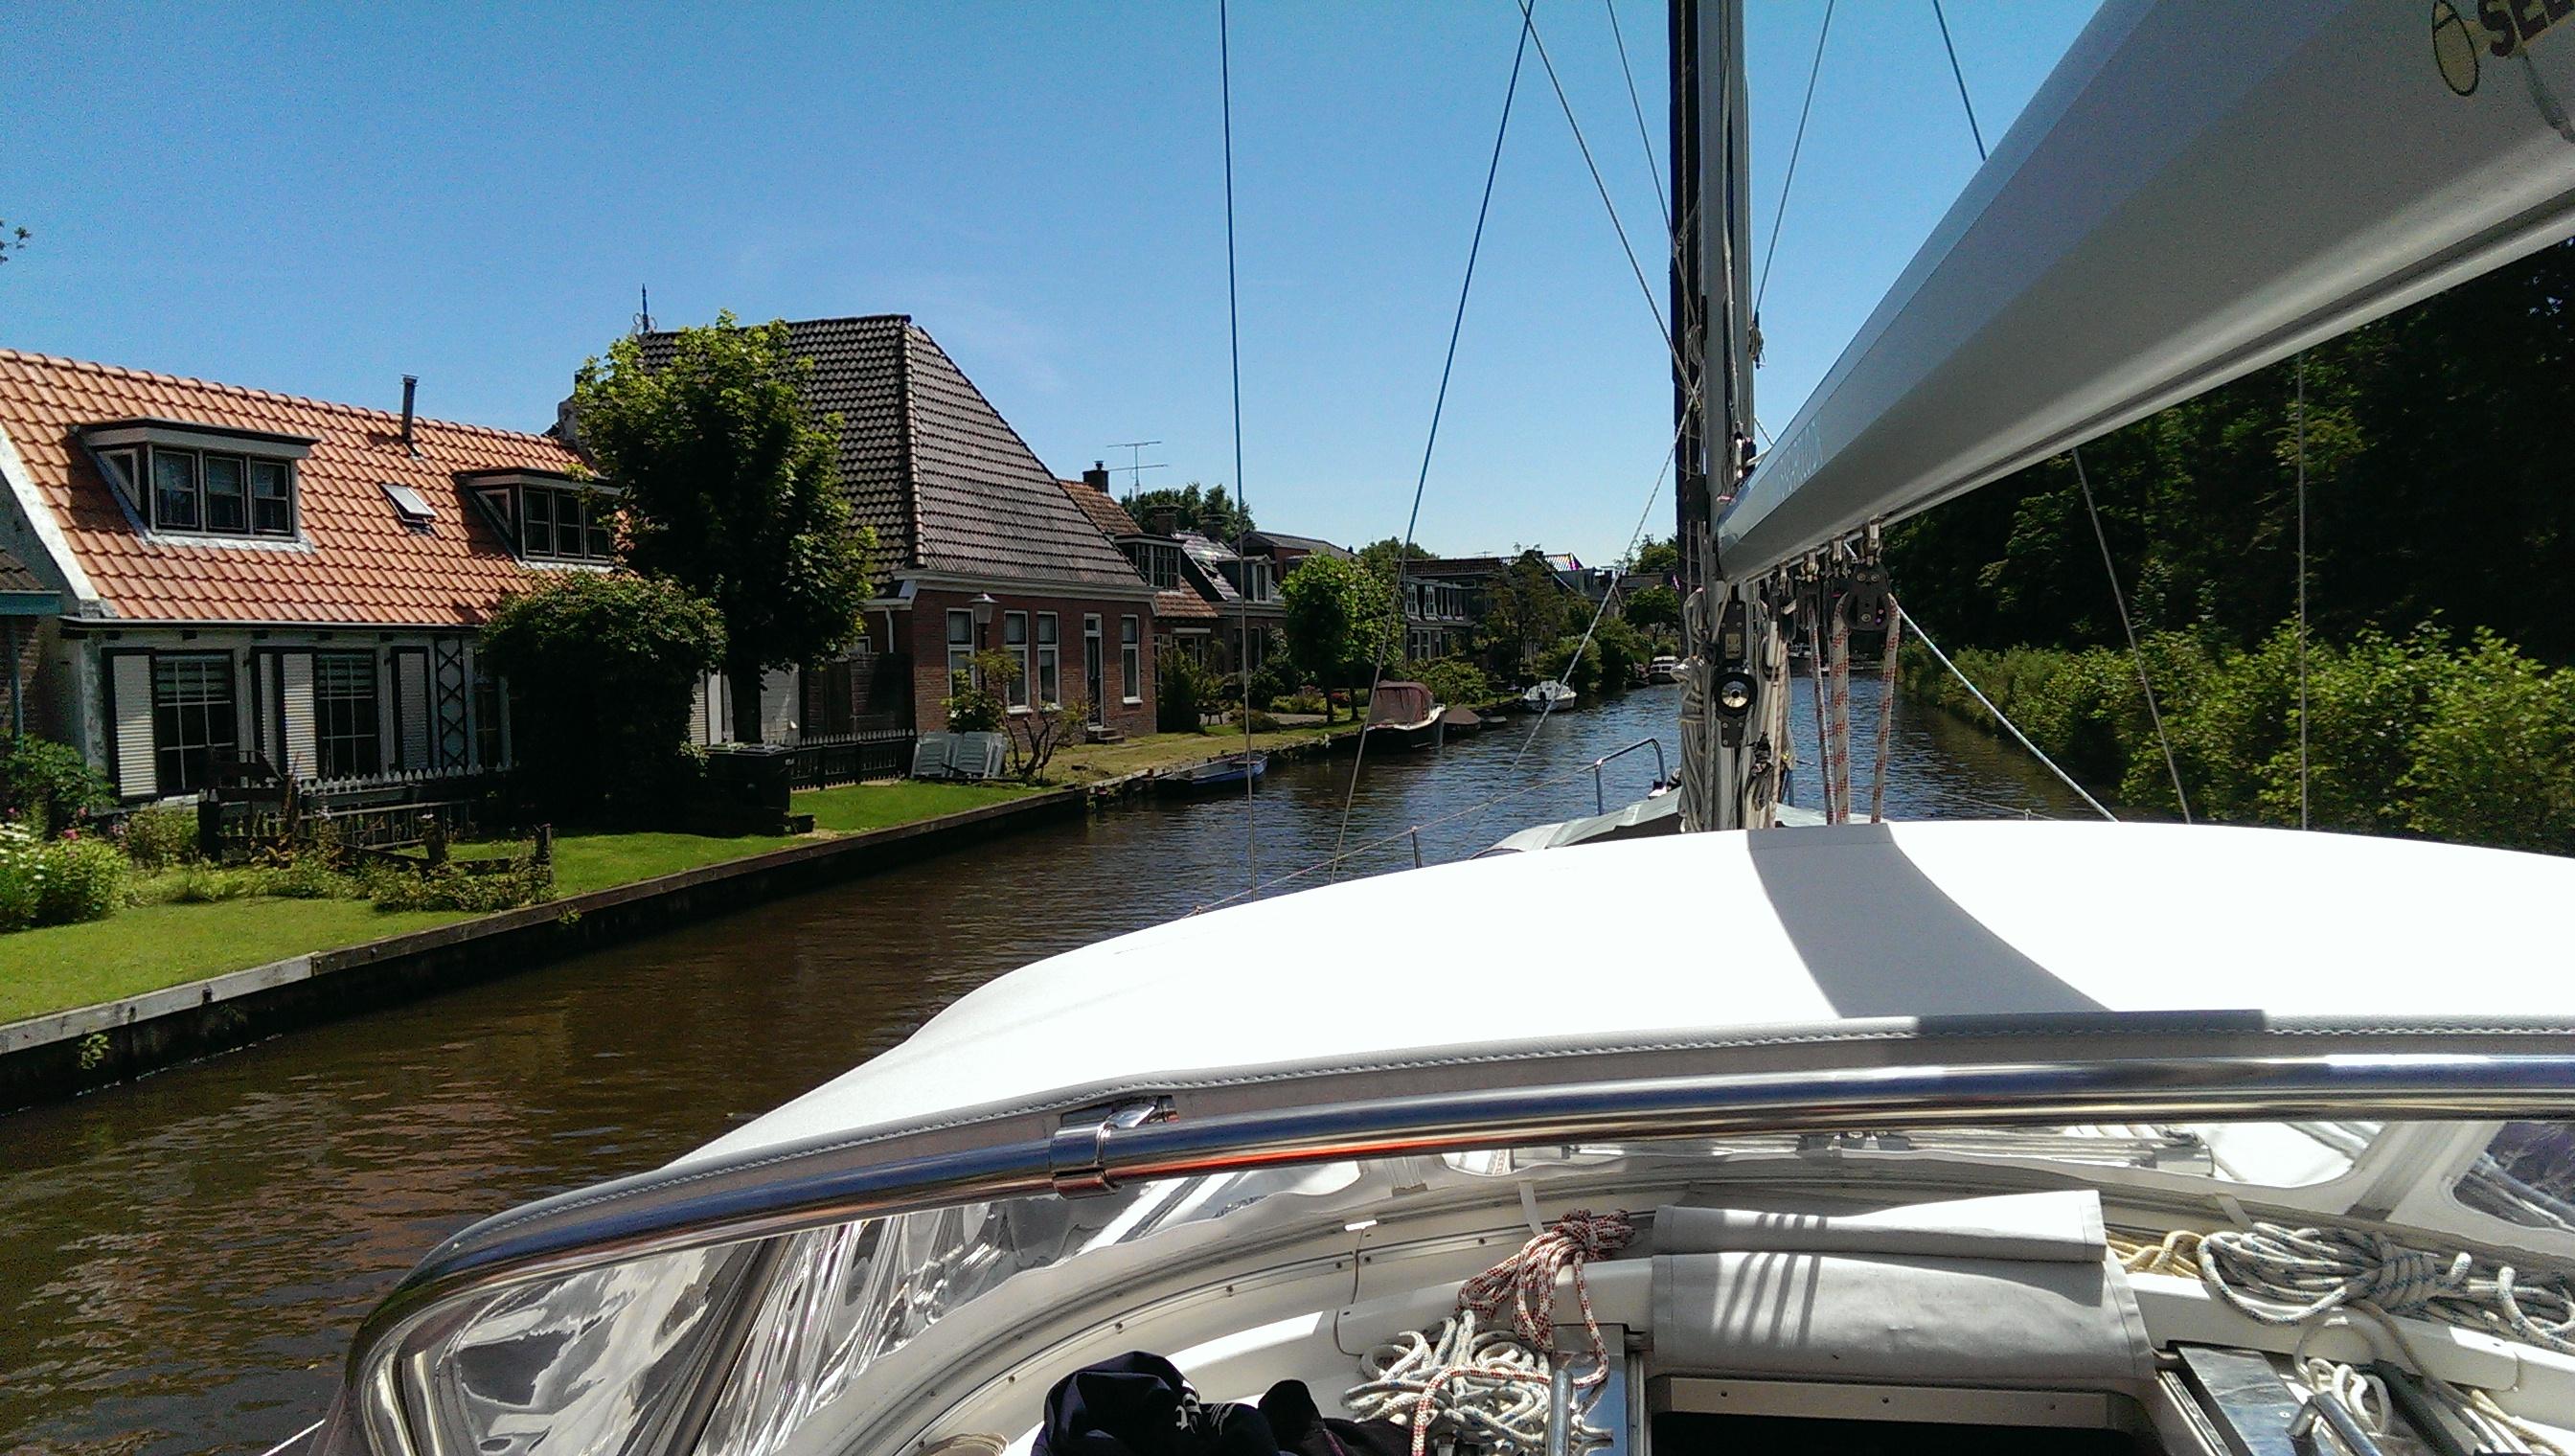 Beliggenhed, beliggenhed, beliggenhed... der er mange der bor virkelig smukt langs de Hollandske kanaler